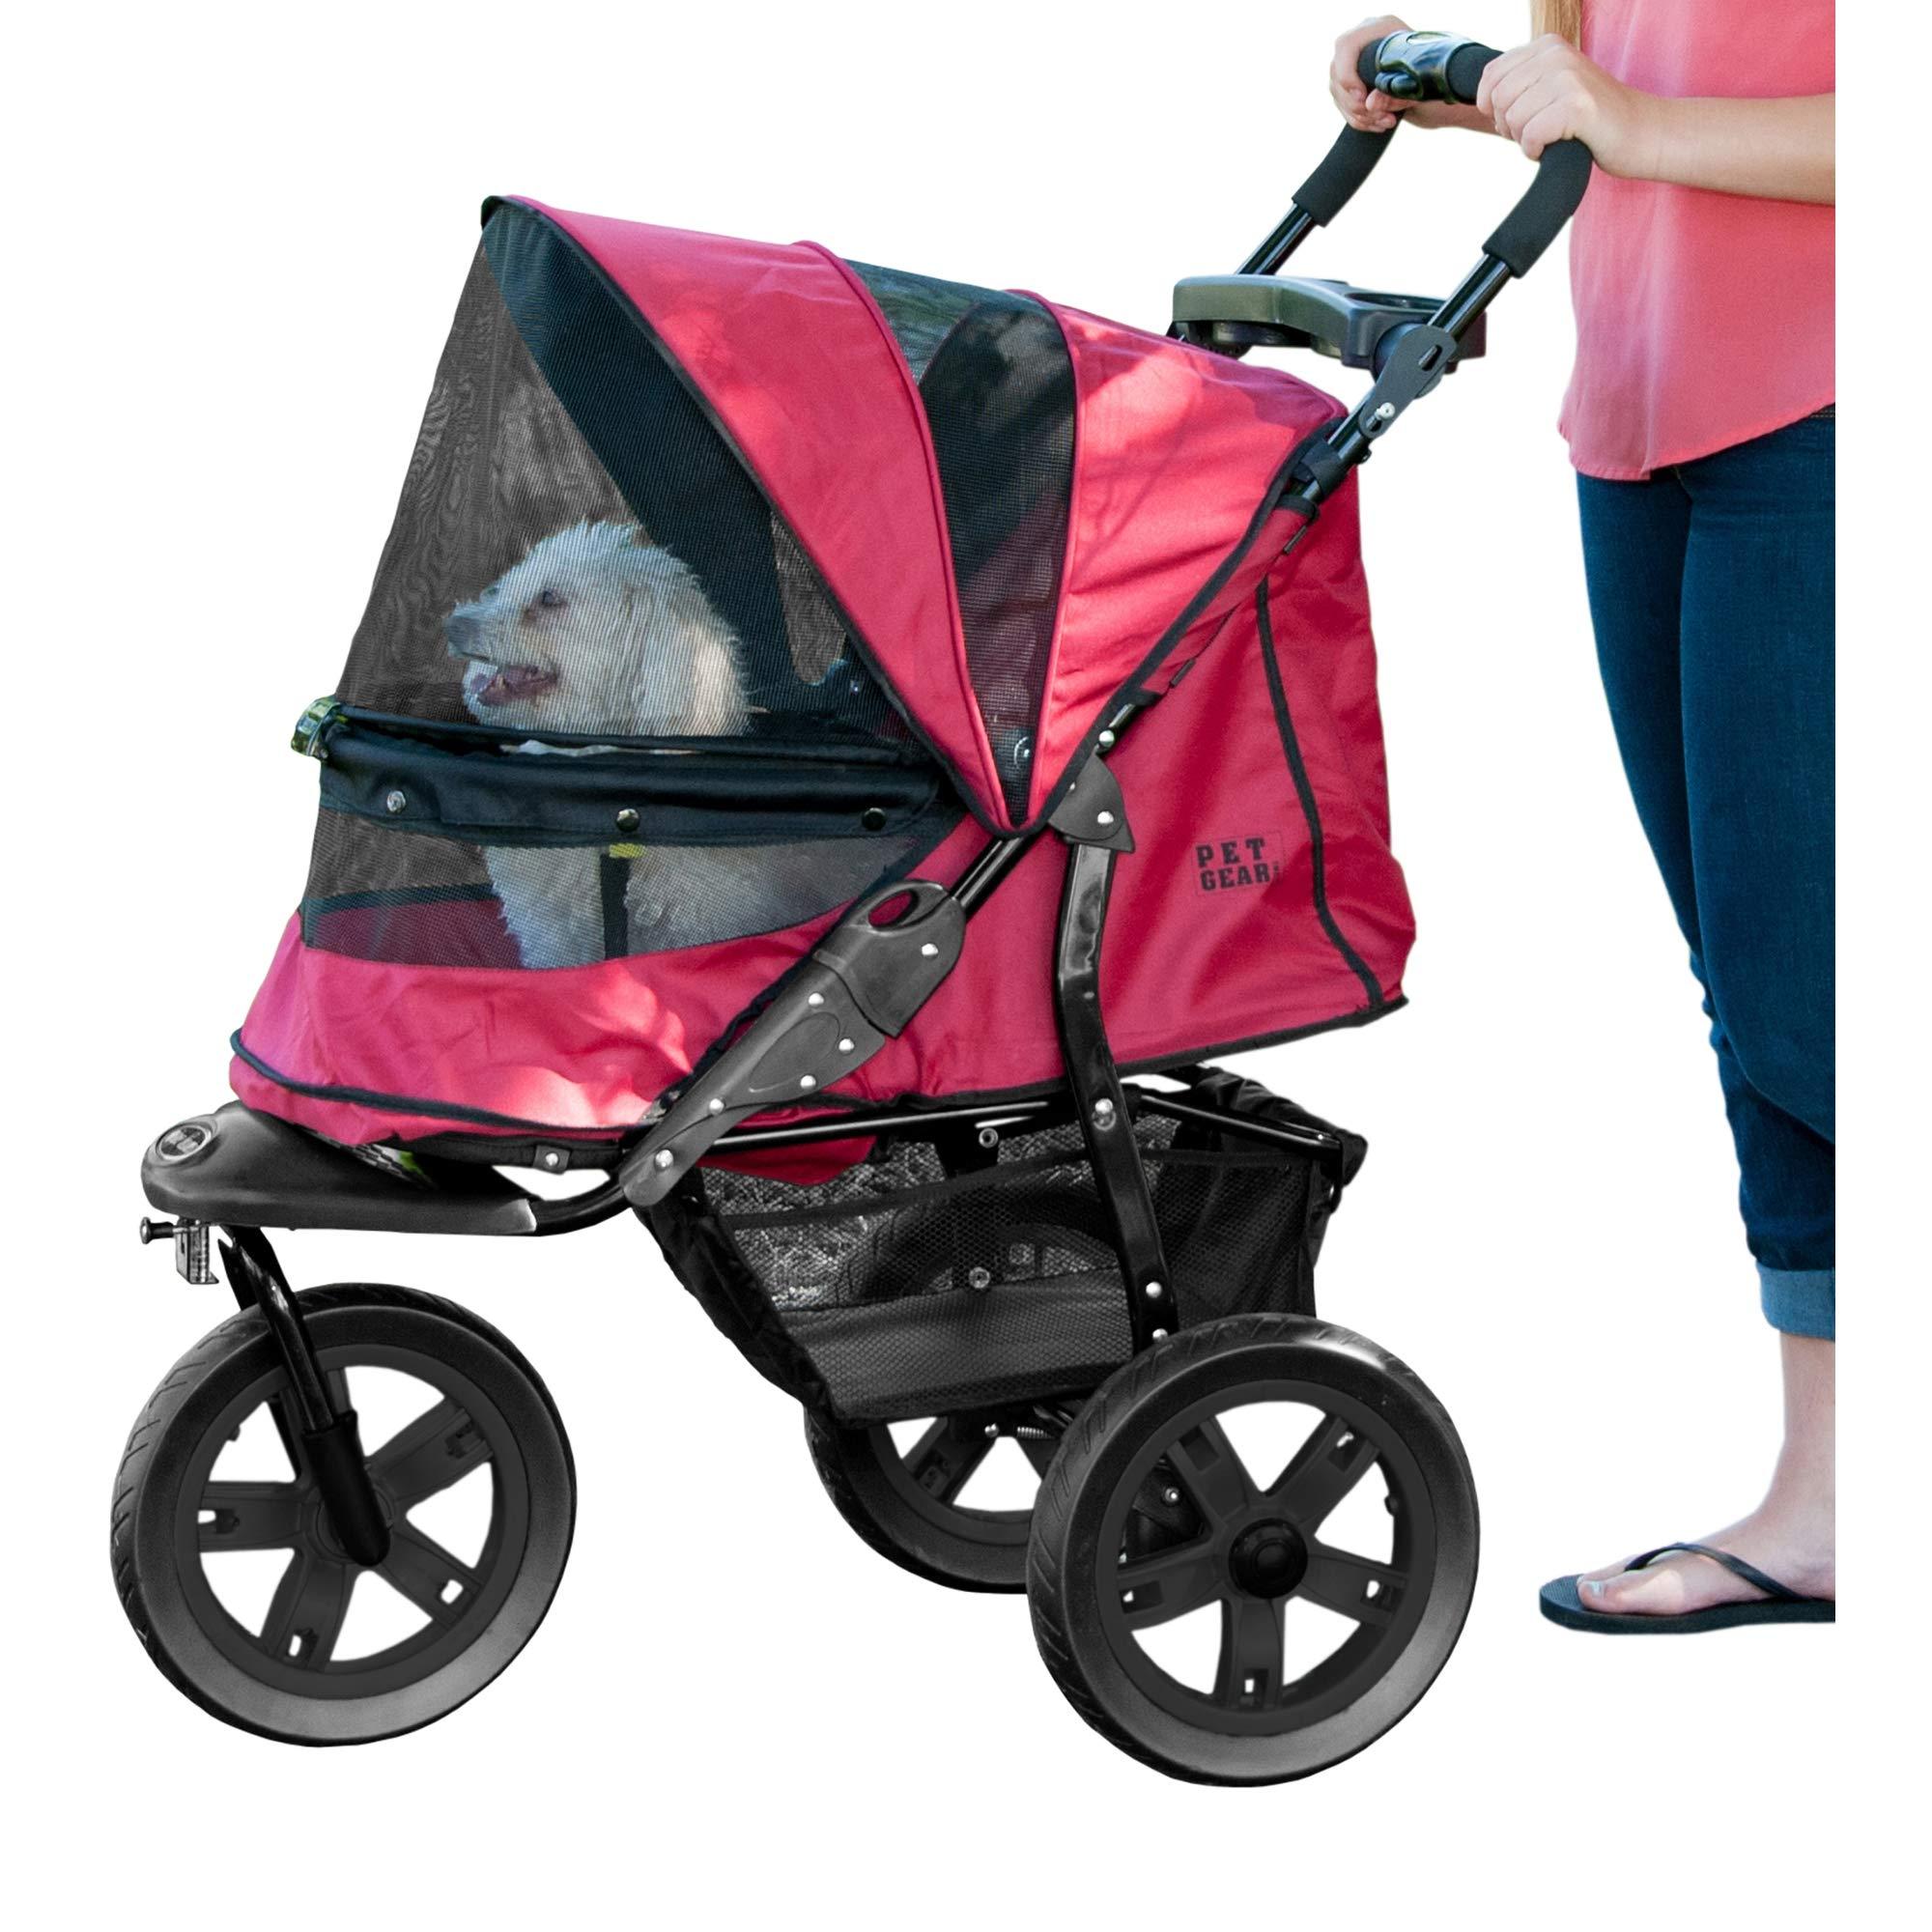 Pet Gear No-Zip AT3 Pet Stroller, Zipperless Entry, Rugged Red by Pet Gear